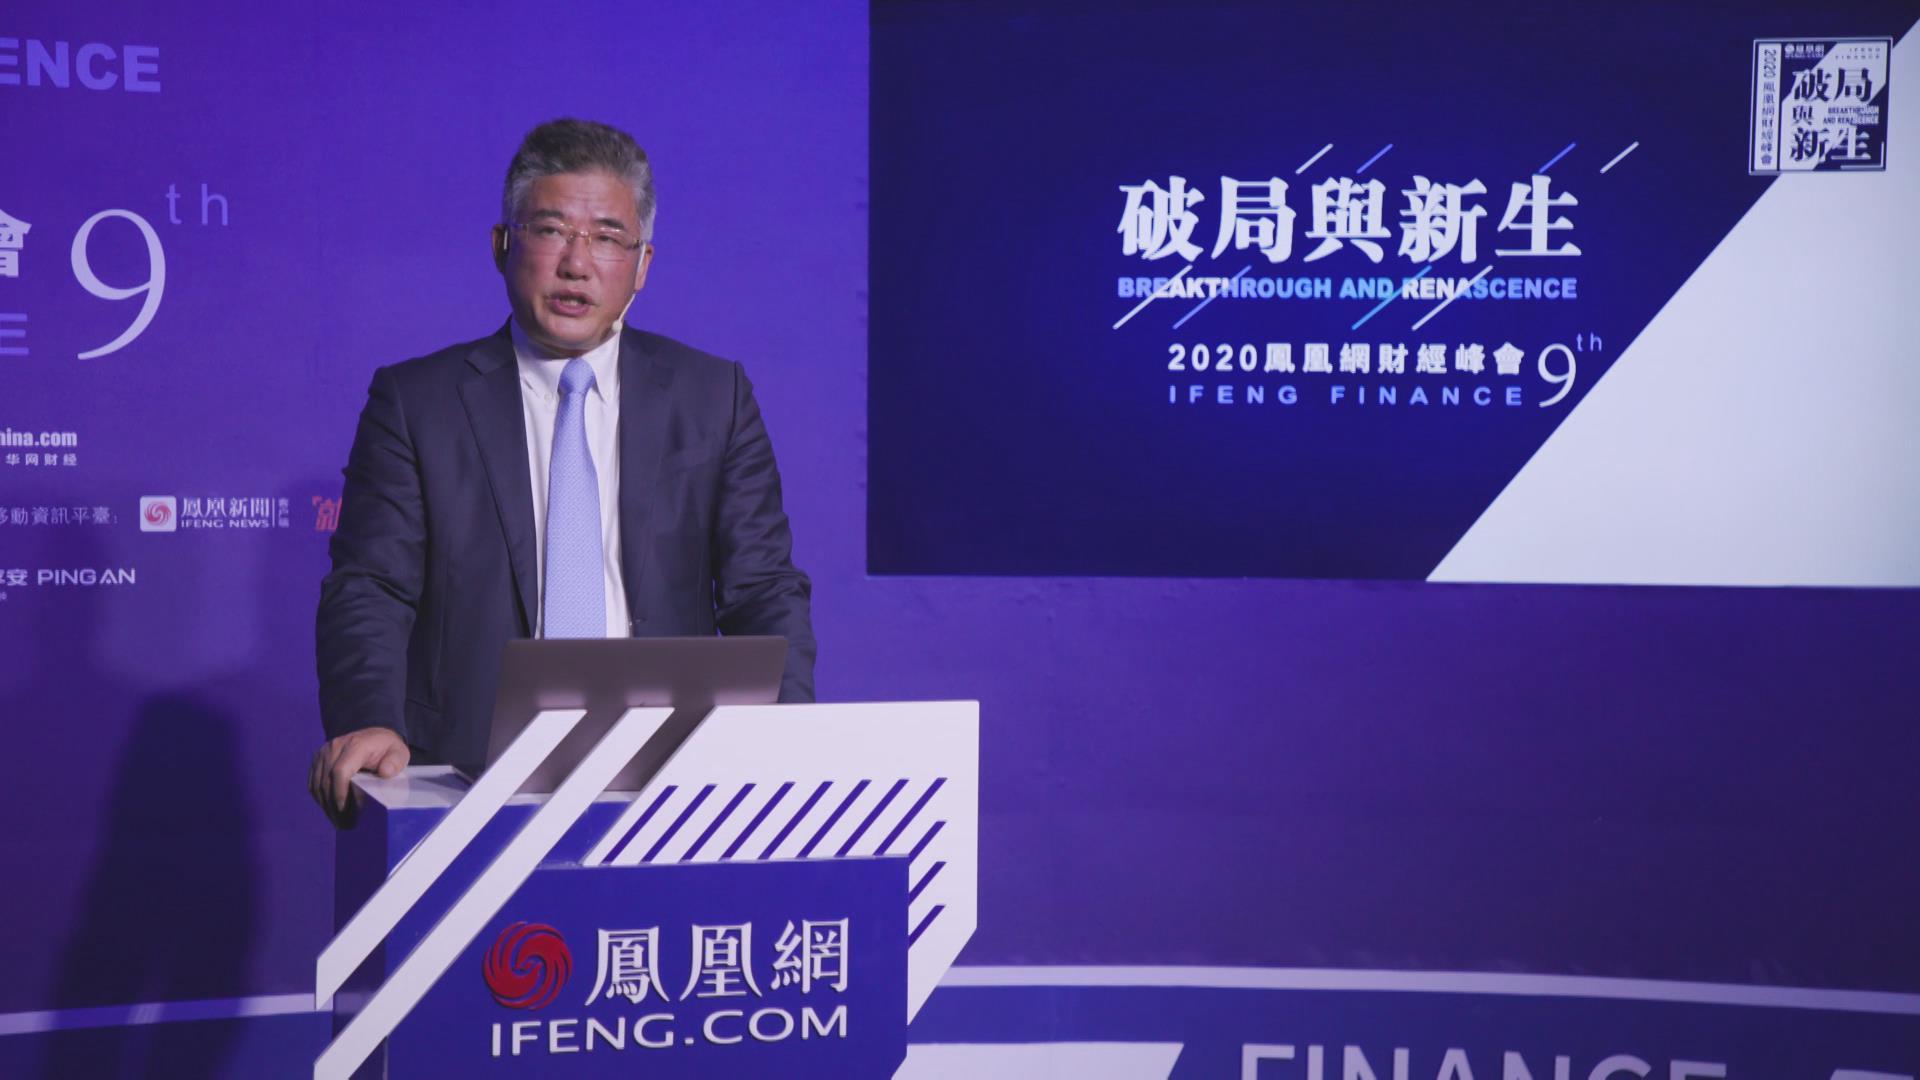 吴姚东:未来银行理财在权益市场有所作为,培养投研体系是关键